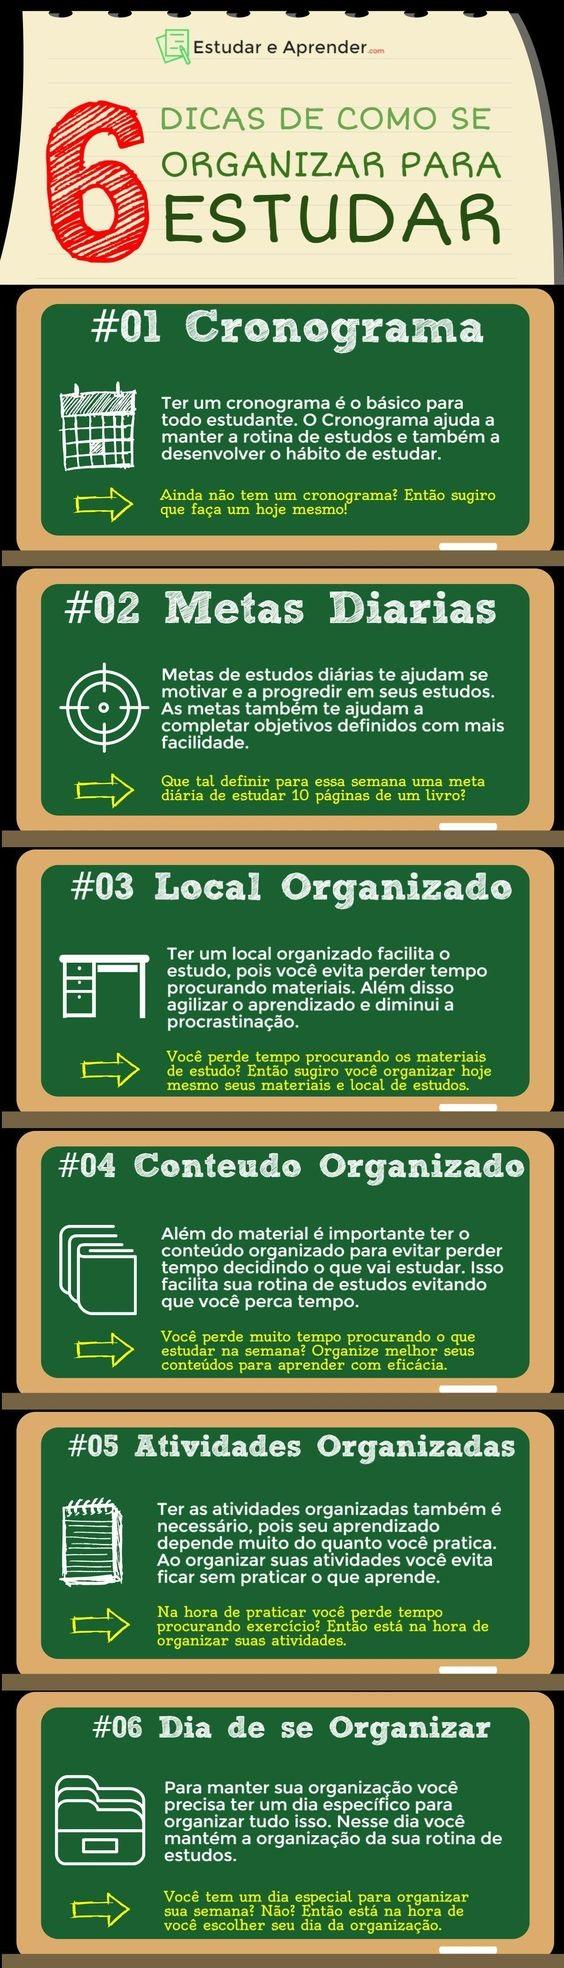 6 Dicas de Organizar para Estudar - Dicas de como se organizar para os estudos